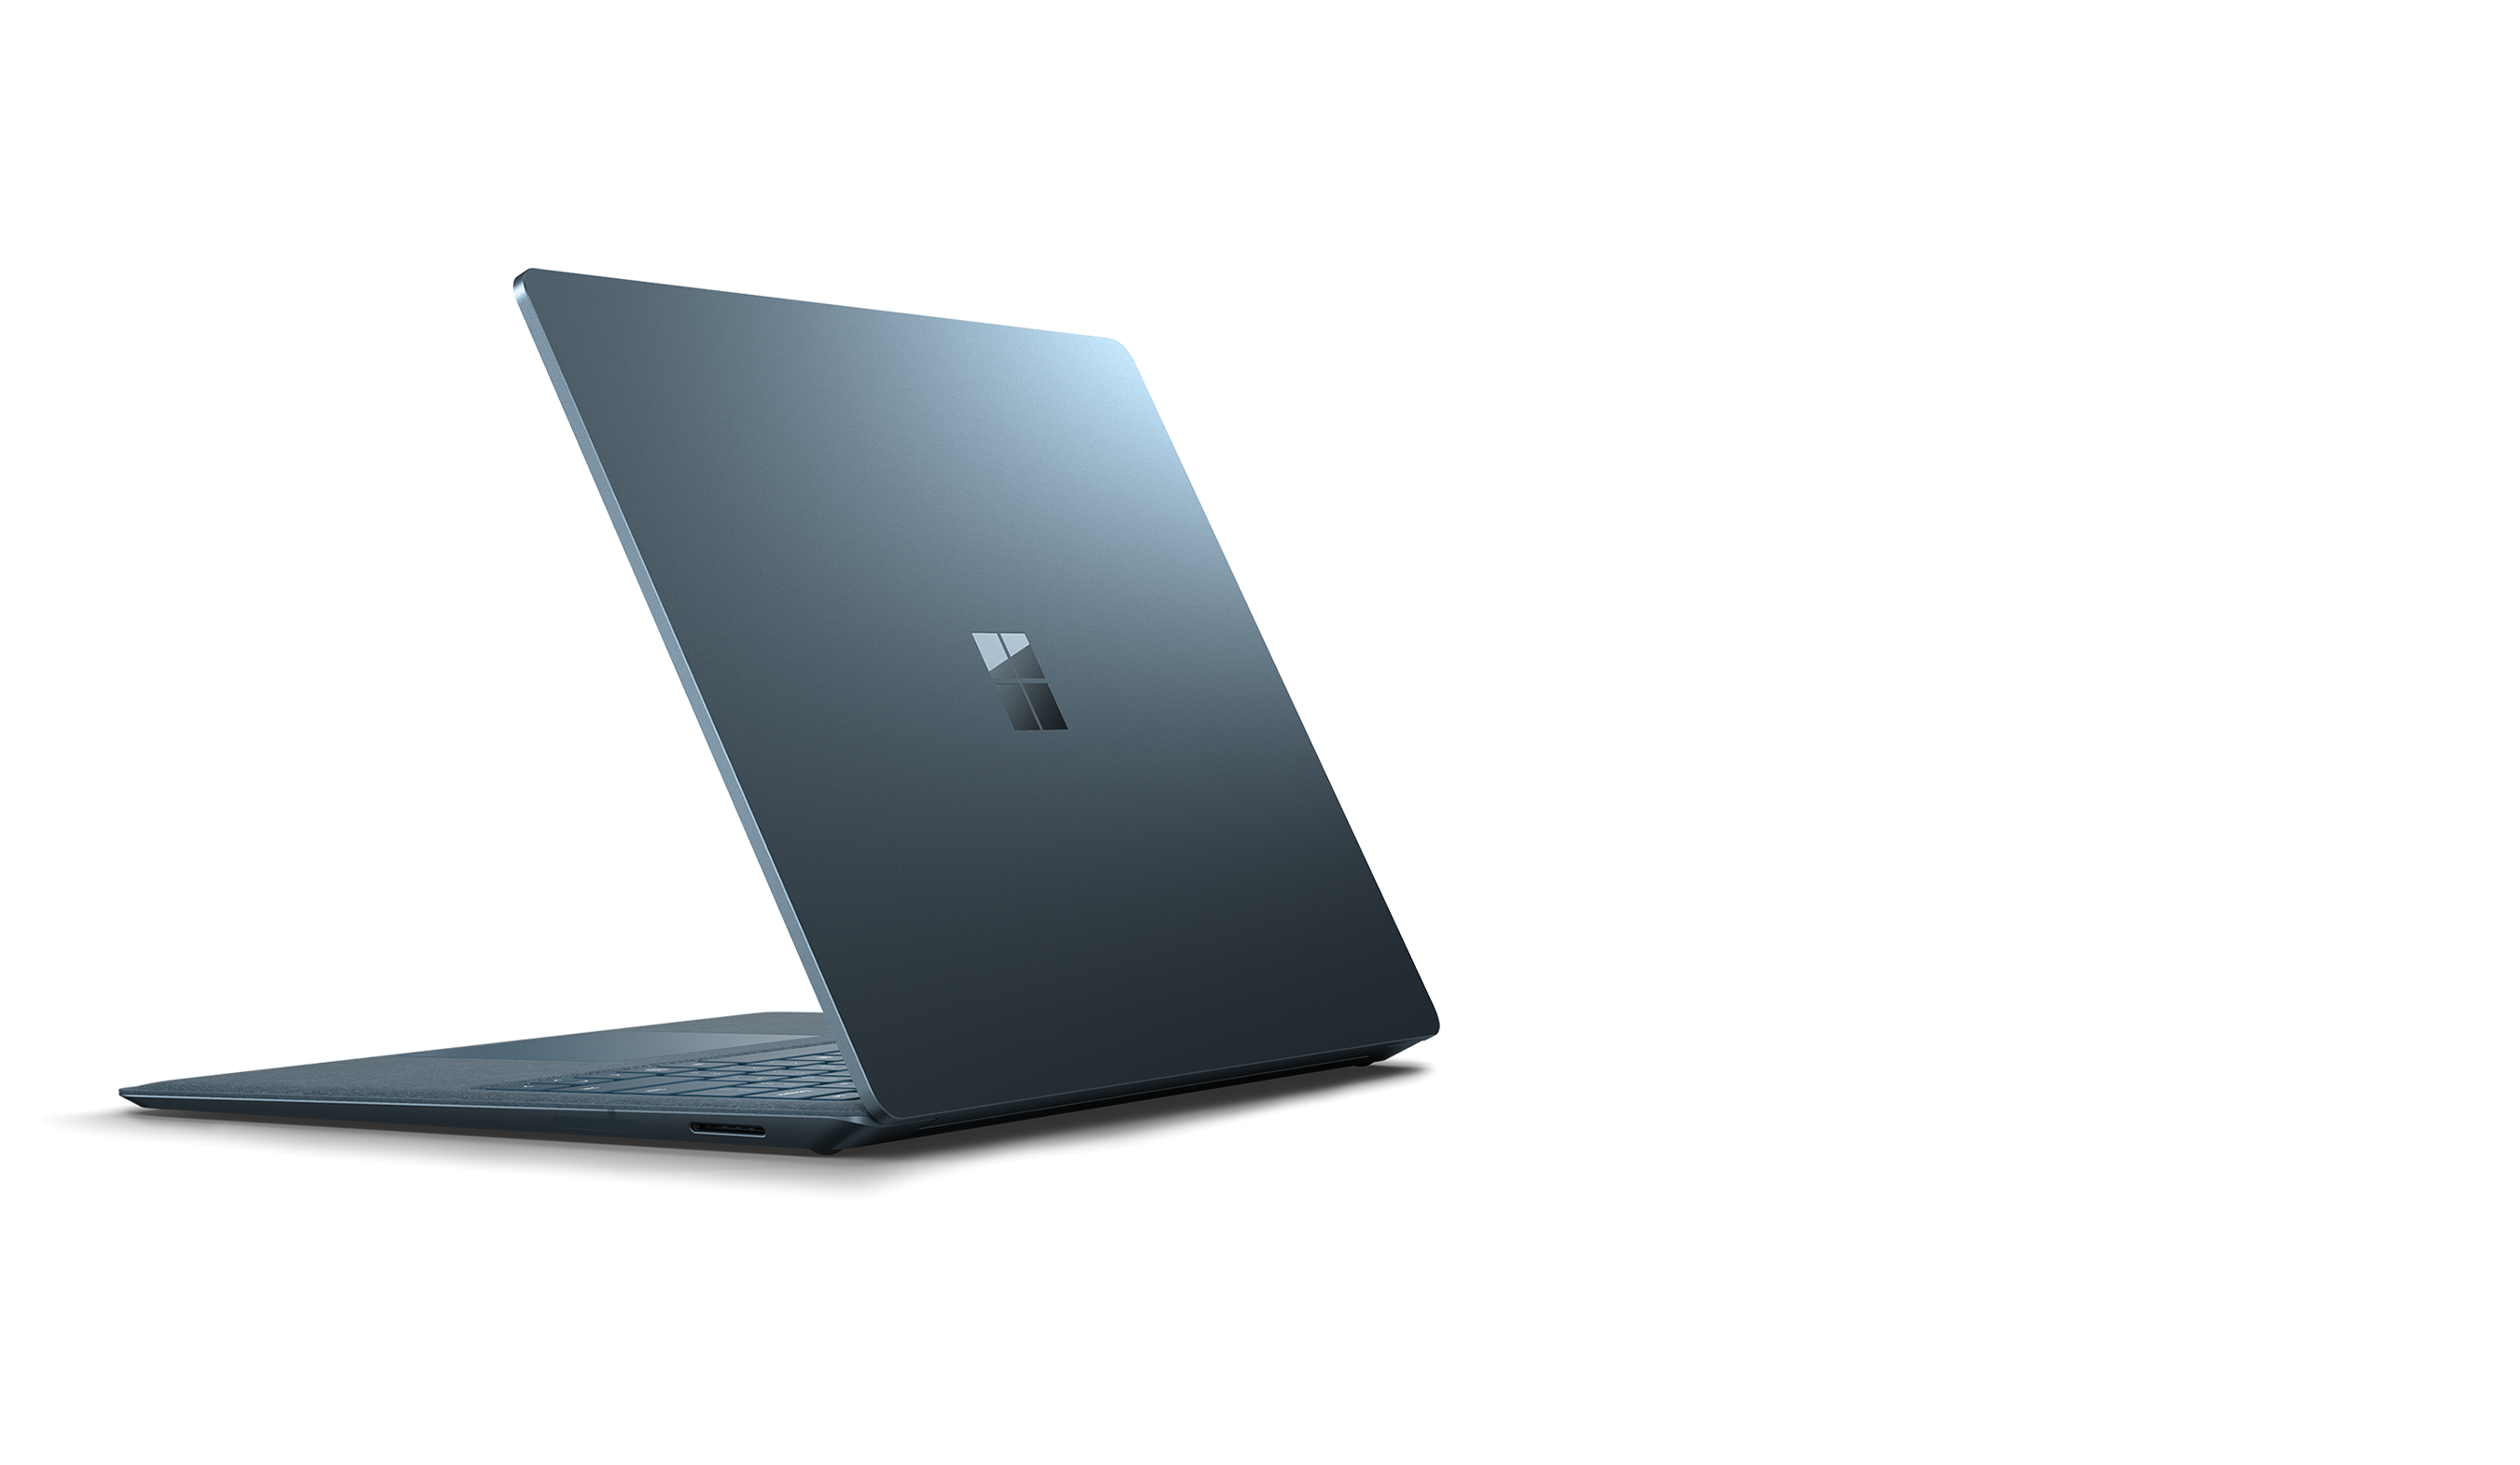 Surface Laptop 2 左后侧视图